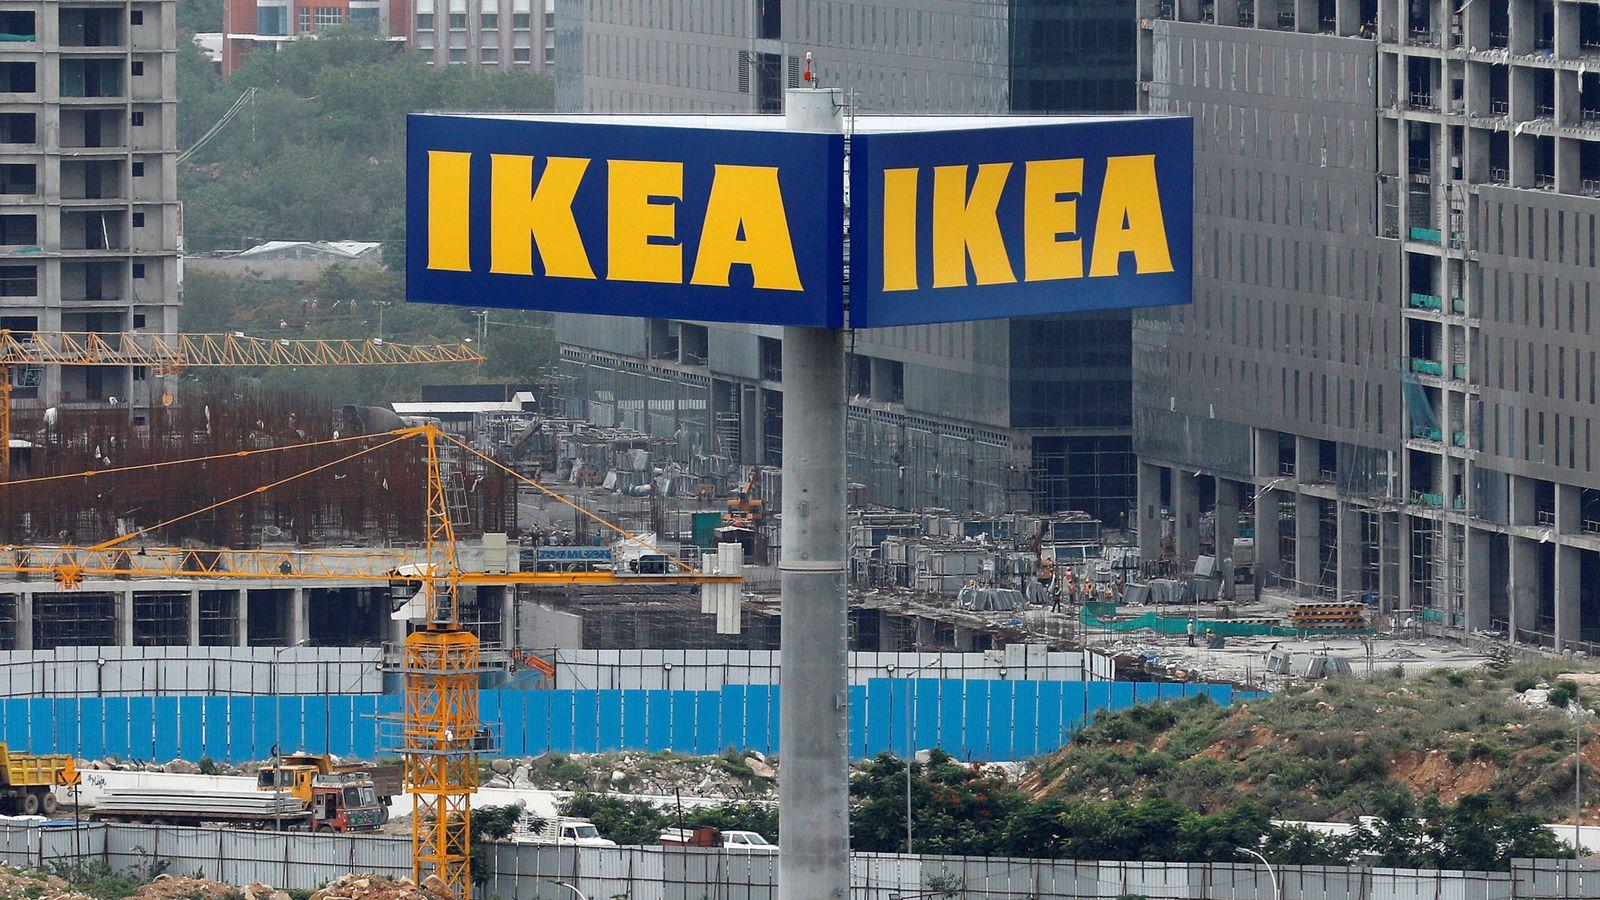 Dinero Próximos De En Muebles Que Ikea Mucho Años Valdrán Los DEeYbW29HI